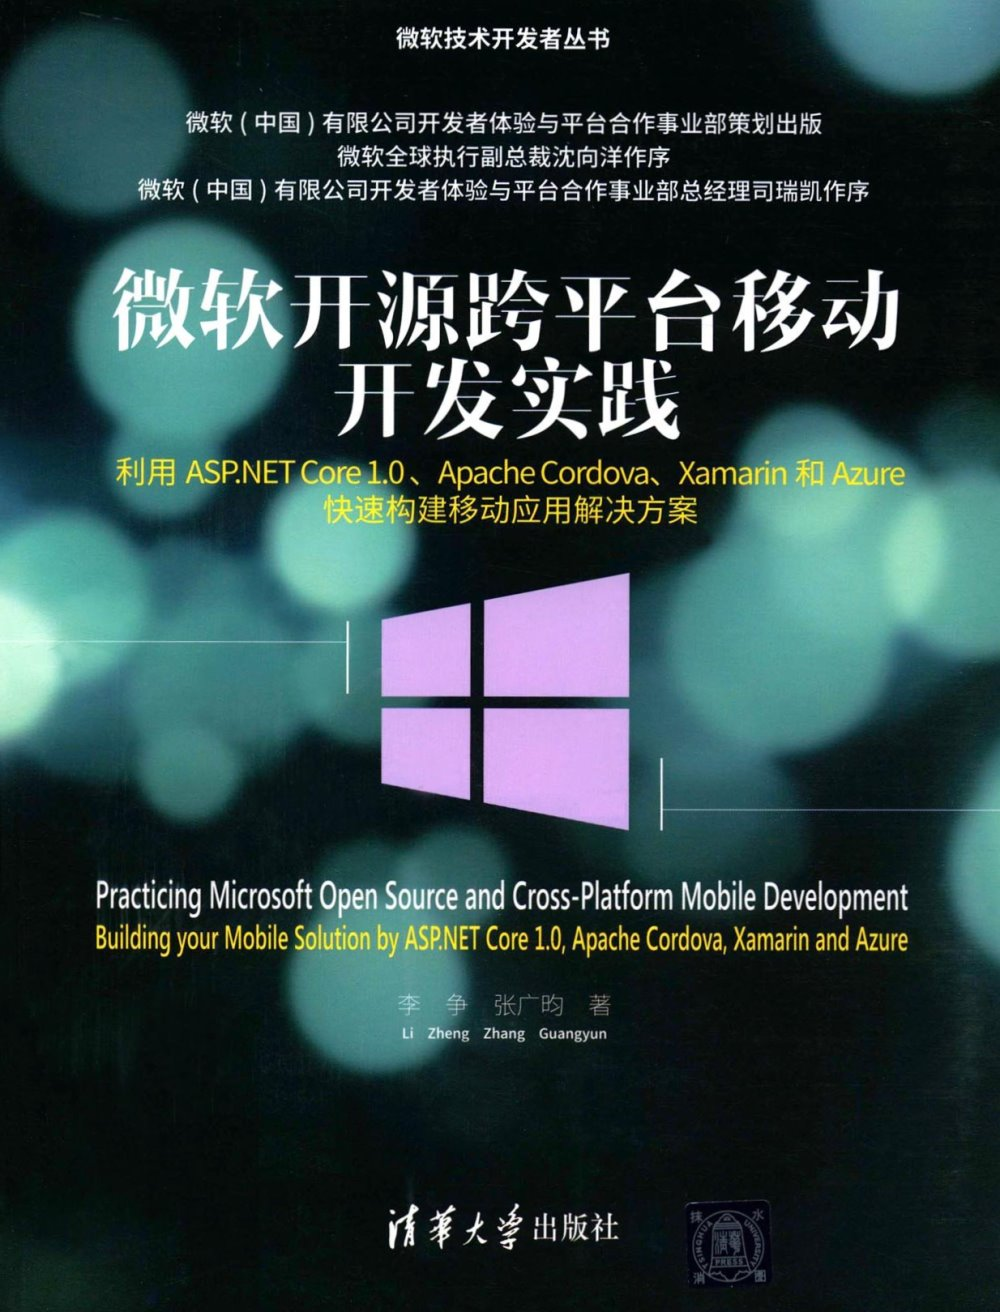 微軟開源跨平台移動開發實踐:利用ASP.NET Core 1.0、Apache Cordova、Xamarin和Azure快速構建移動應用解決方案